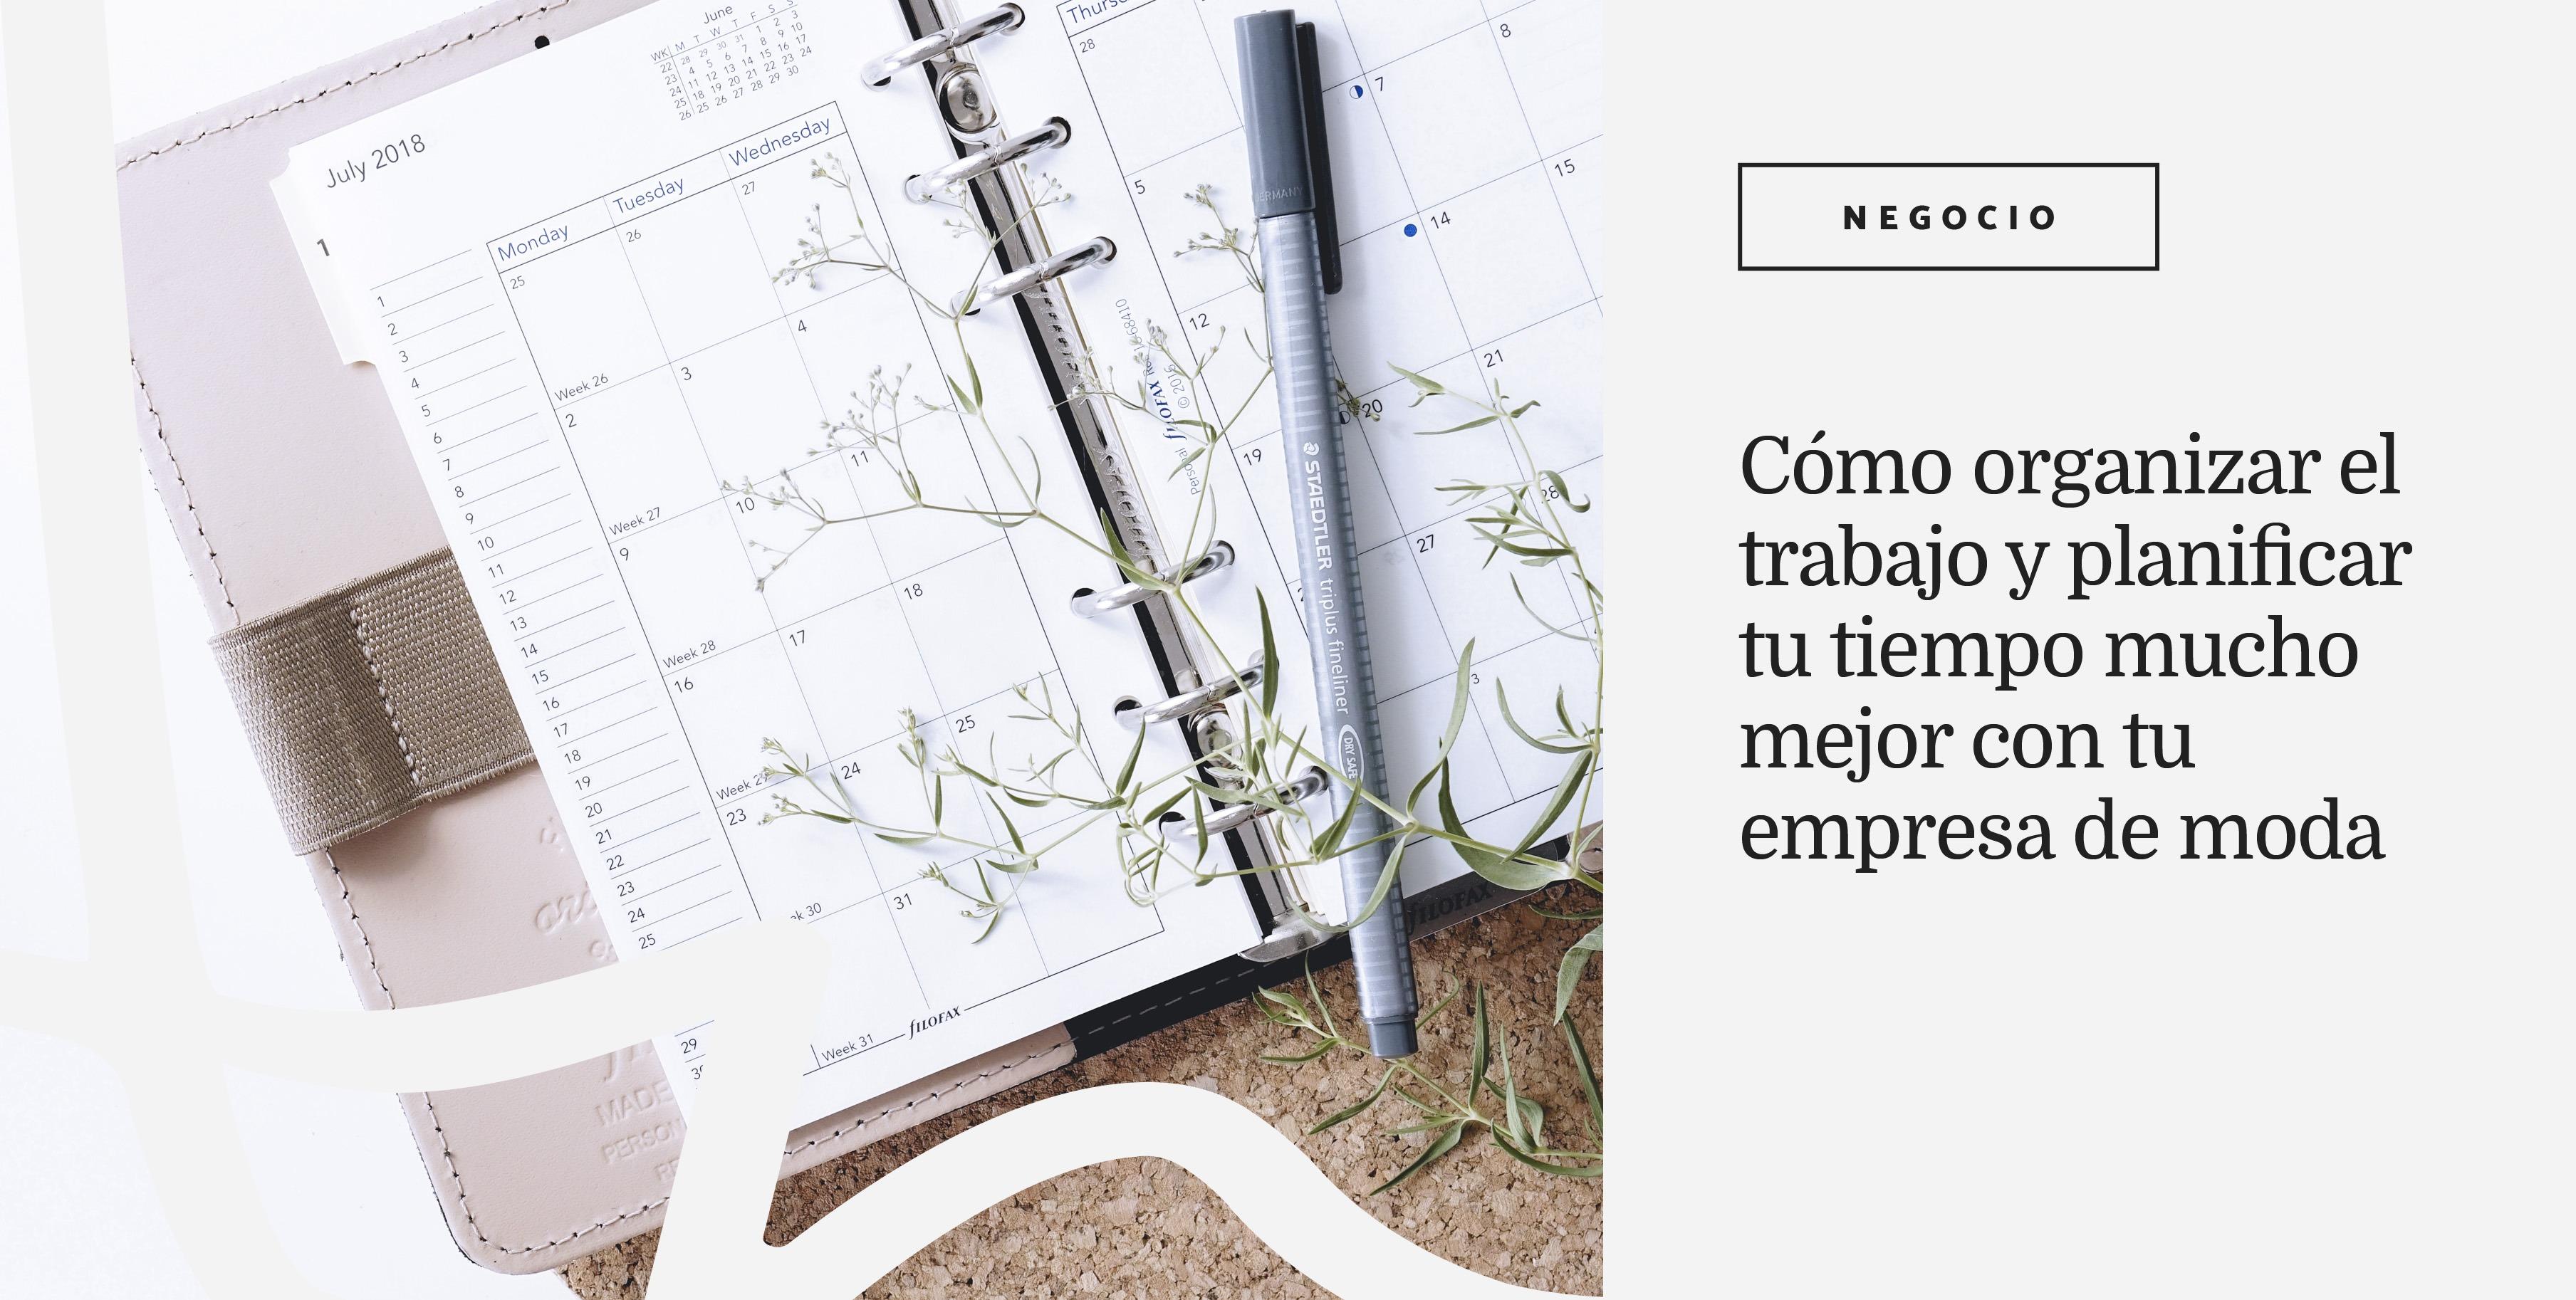 organizar-el-trabajo-ecommerce-moda-anadiazdelrio.com_.jpg